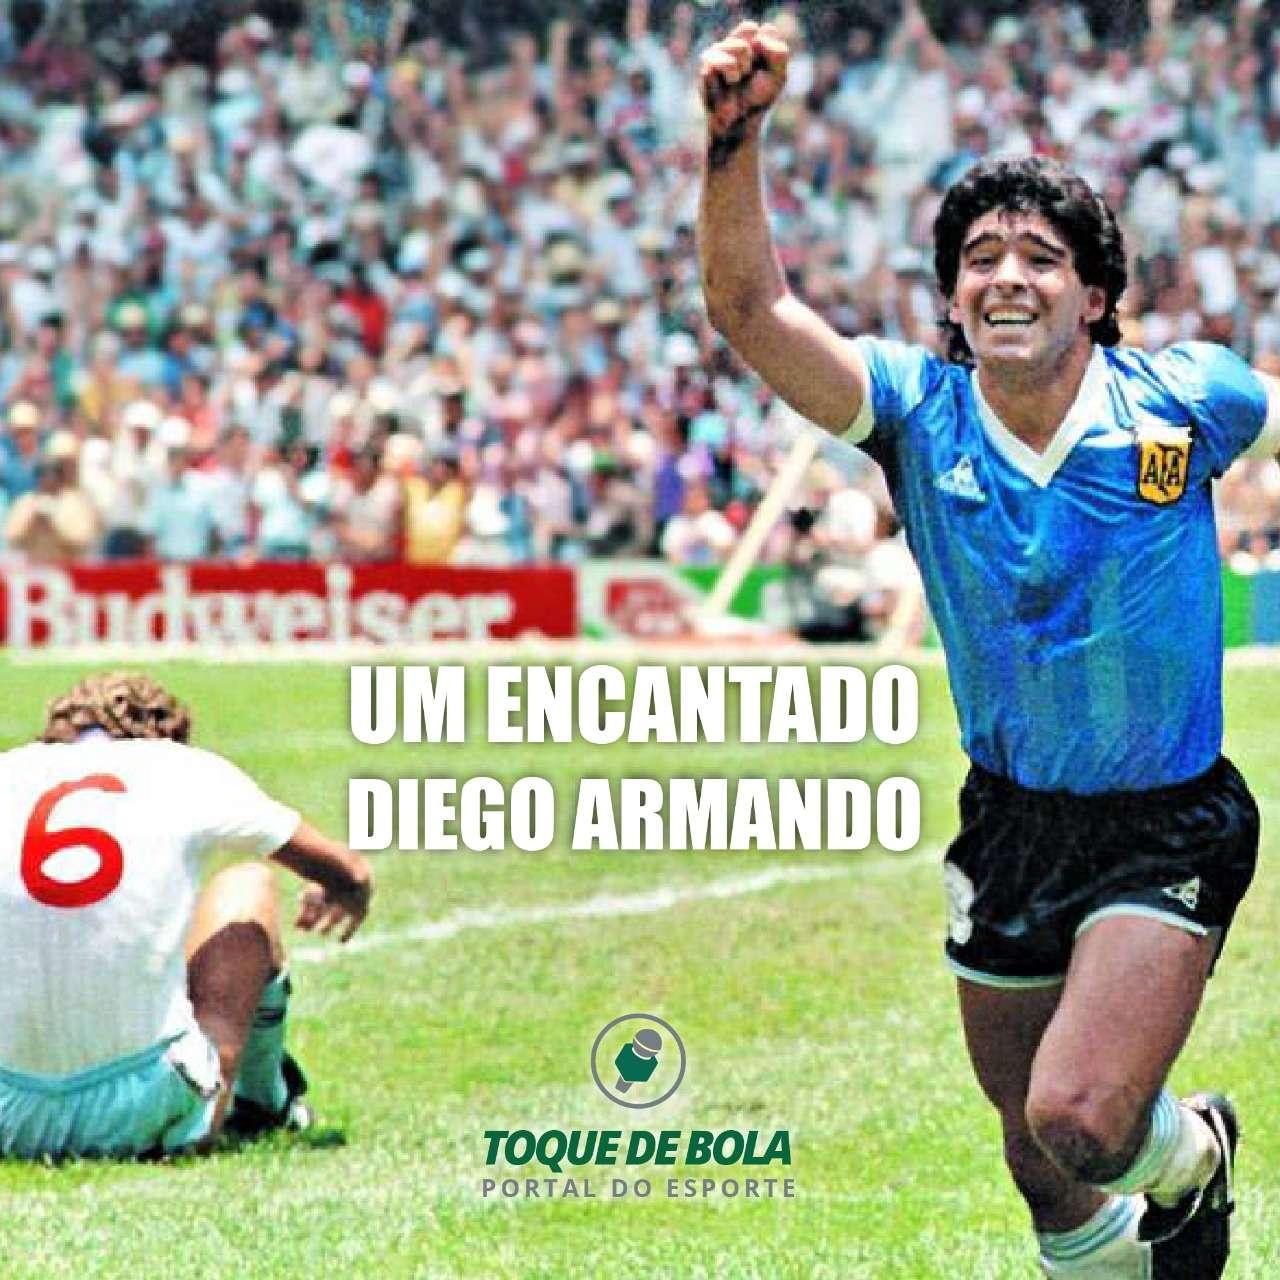 O futebol dá adeus ao craque Maradona